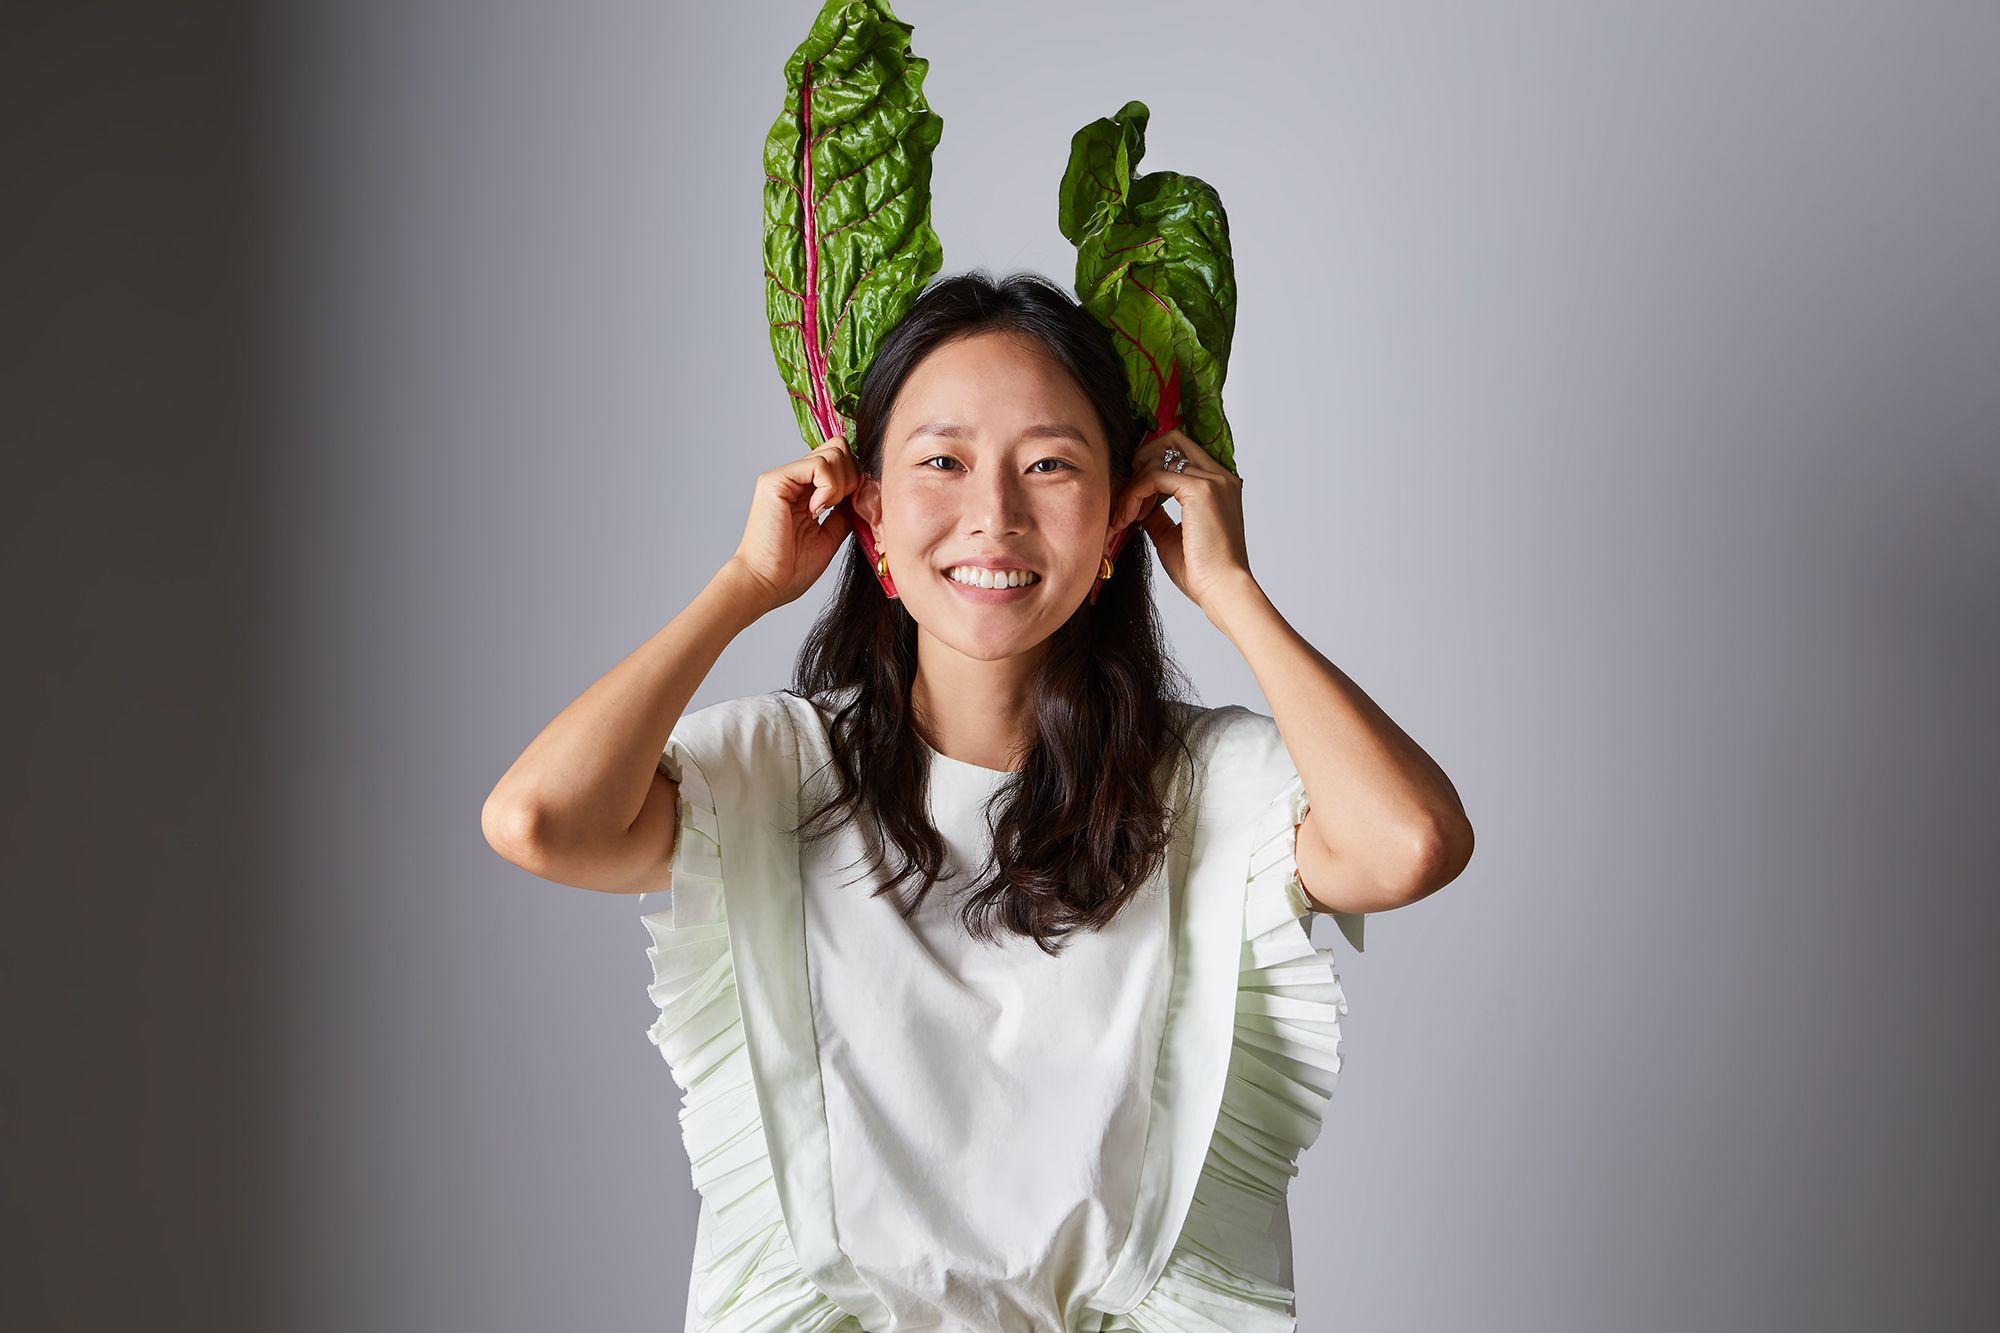 Jooyoung Kang